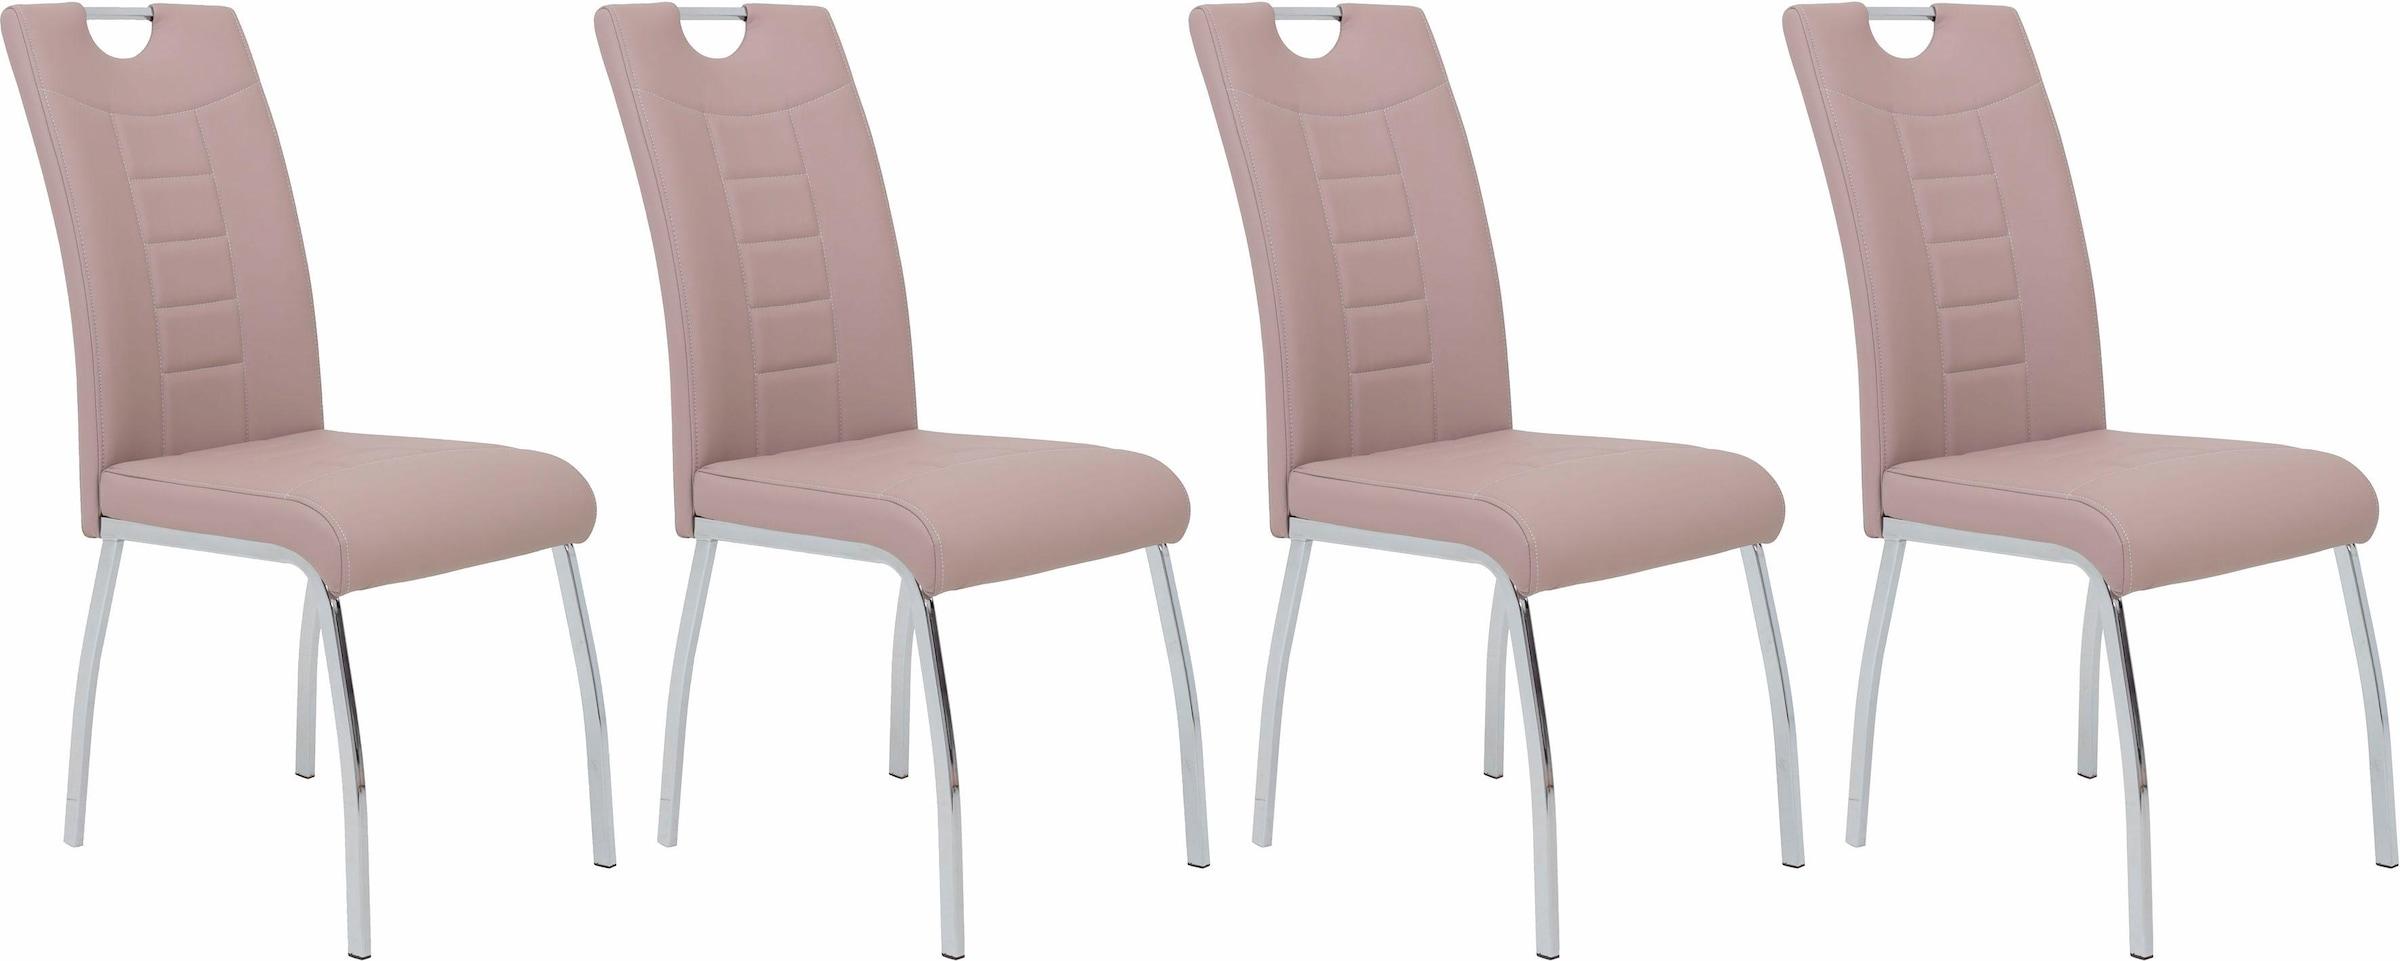 Verchromt Esszimmerstühle online kaufen | Möbel Suchmaschine